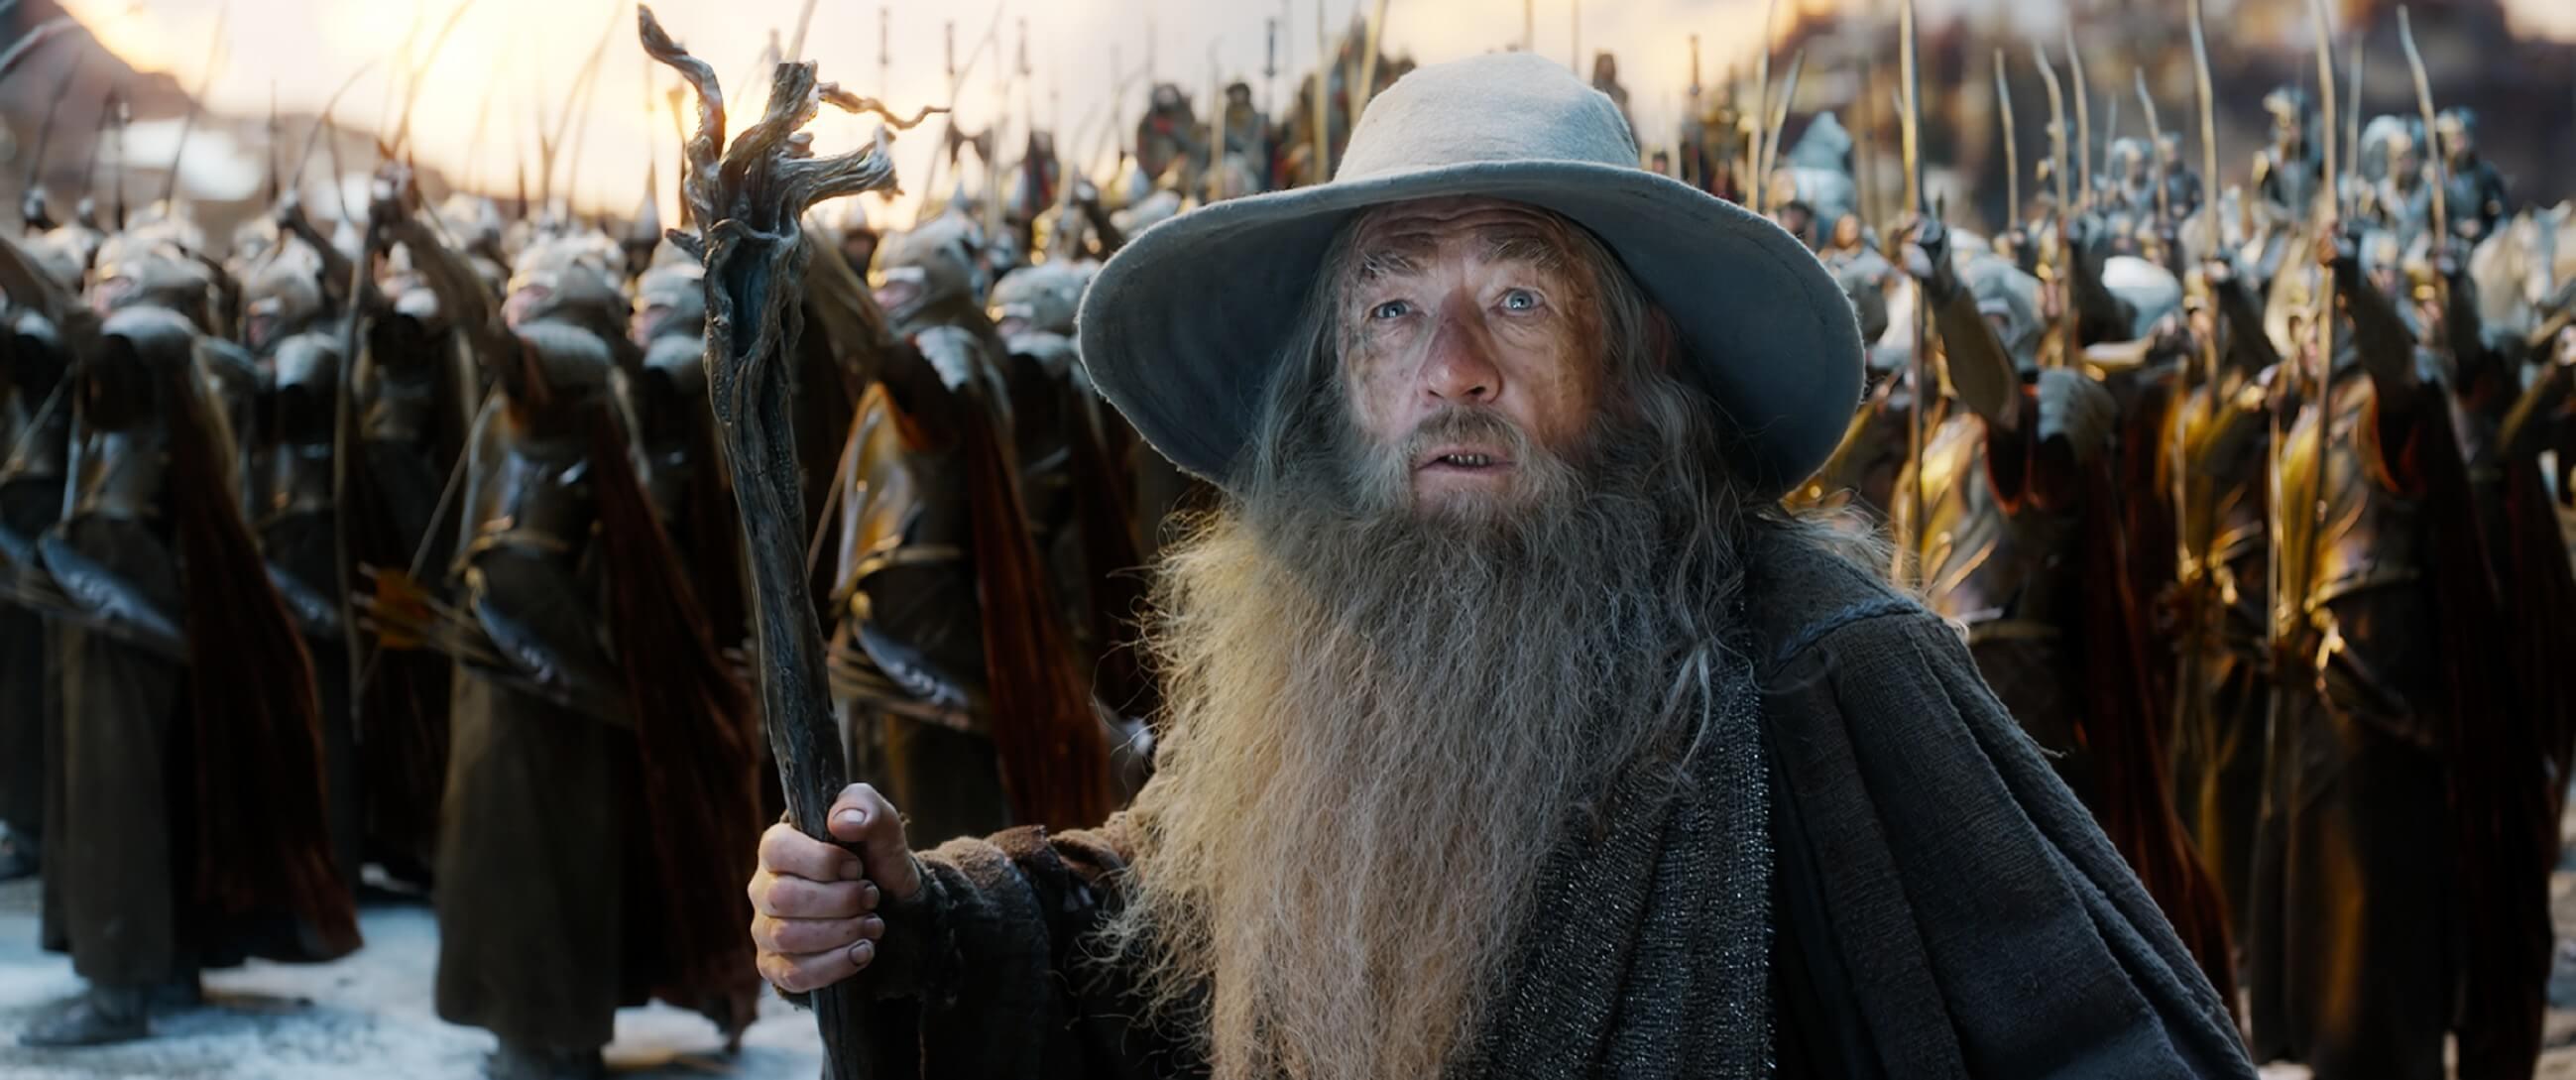 Der Hobbit - Die Schlacht der fünf Heere auf RTL HD © RTL / 2014 METRO-GOLDWYN-MAYER PICTURES INC. AND WARNER BROS. ENTERTAINMENT INC. ALL RIGHTS RESERVED.